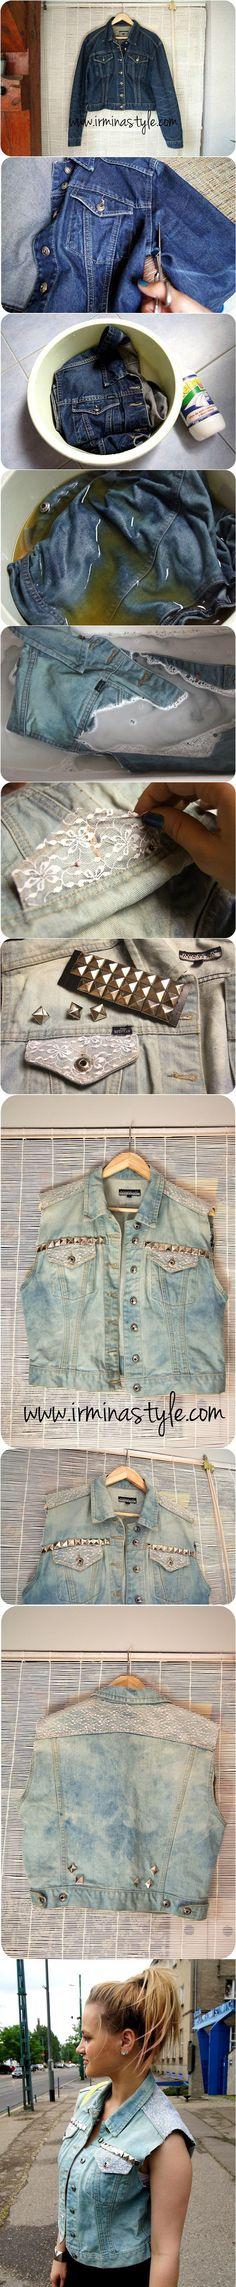 новая одежда для дочки из старой надоевшей джинсовой куртки...